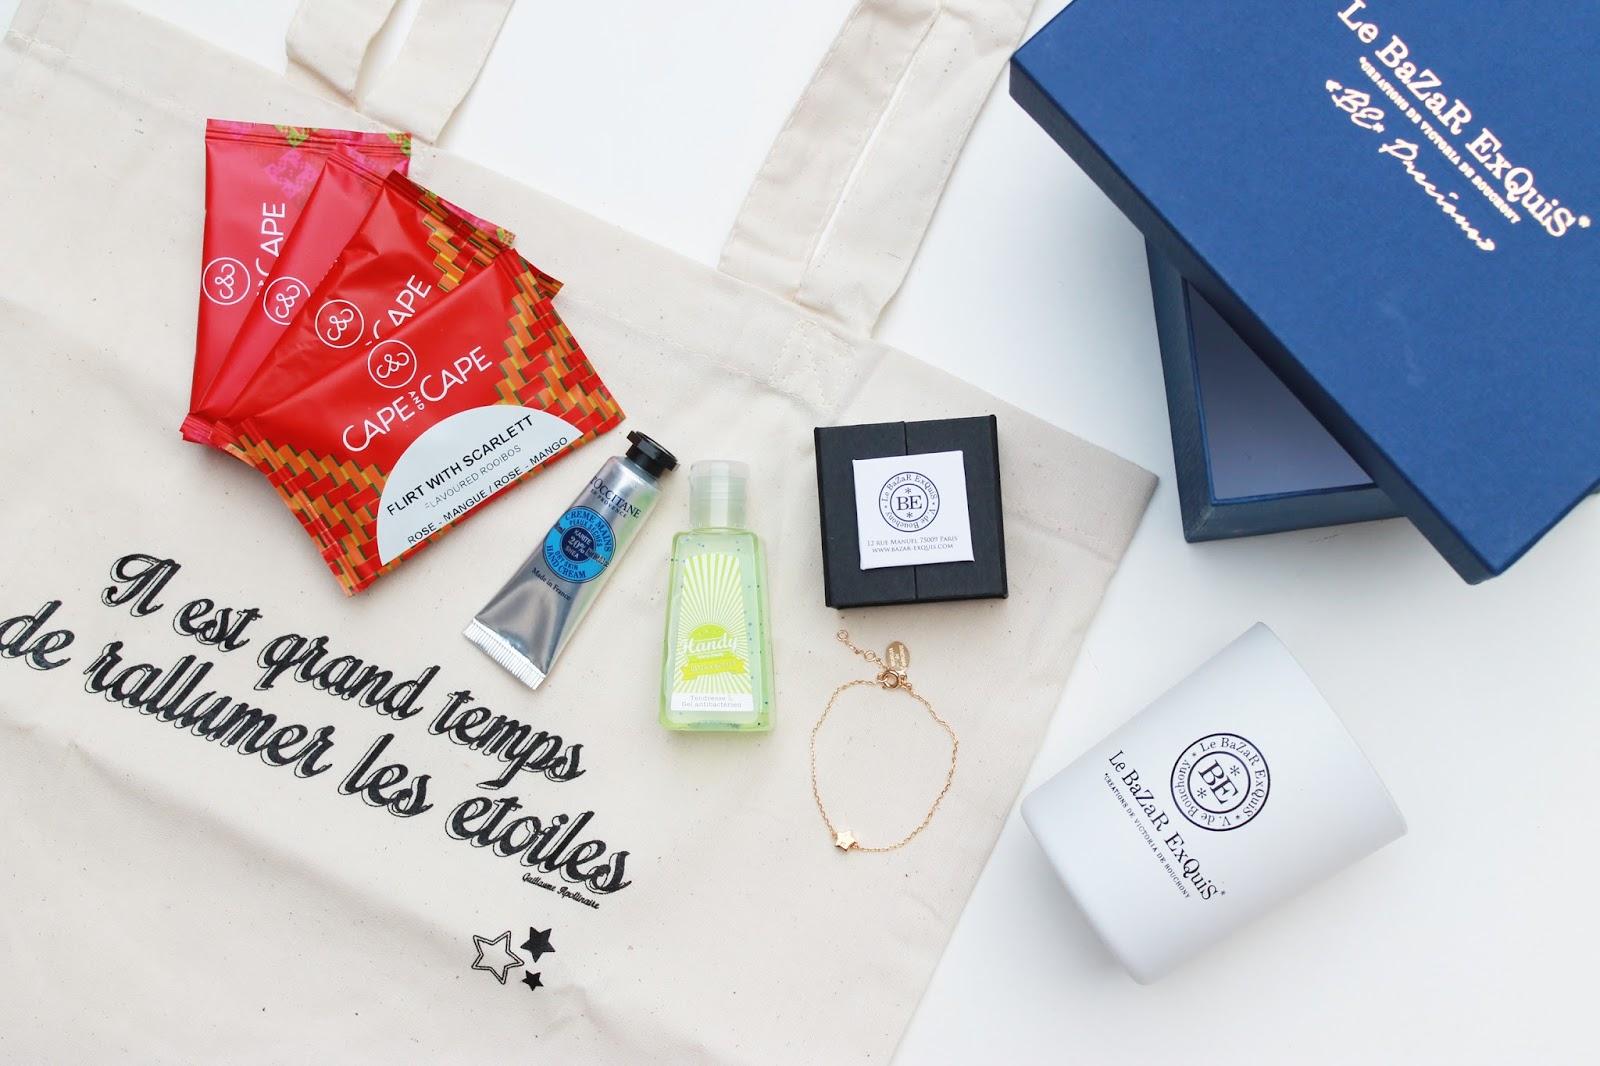 Bazar Exquis la box